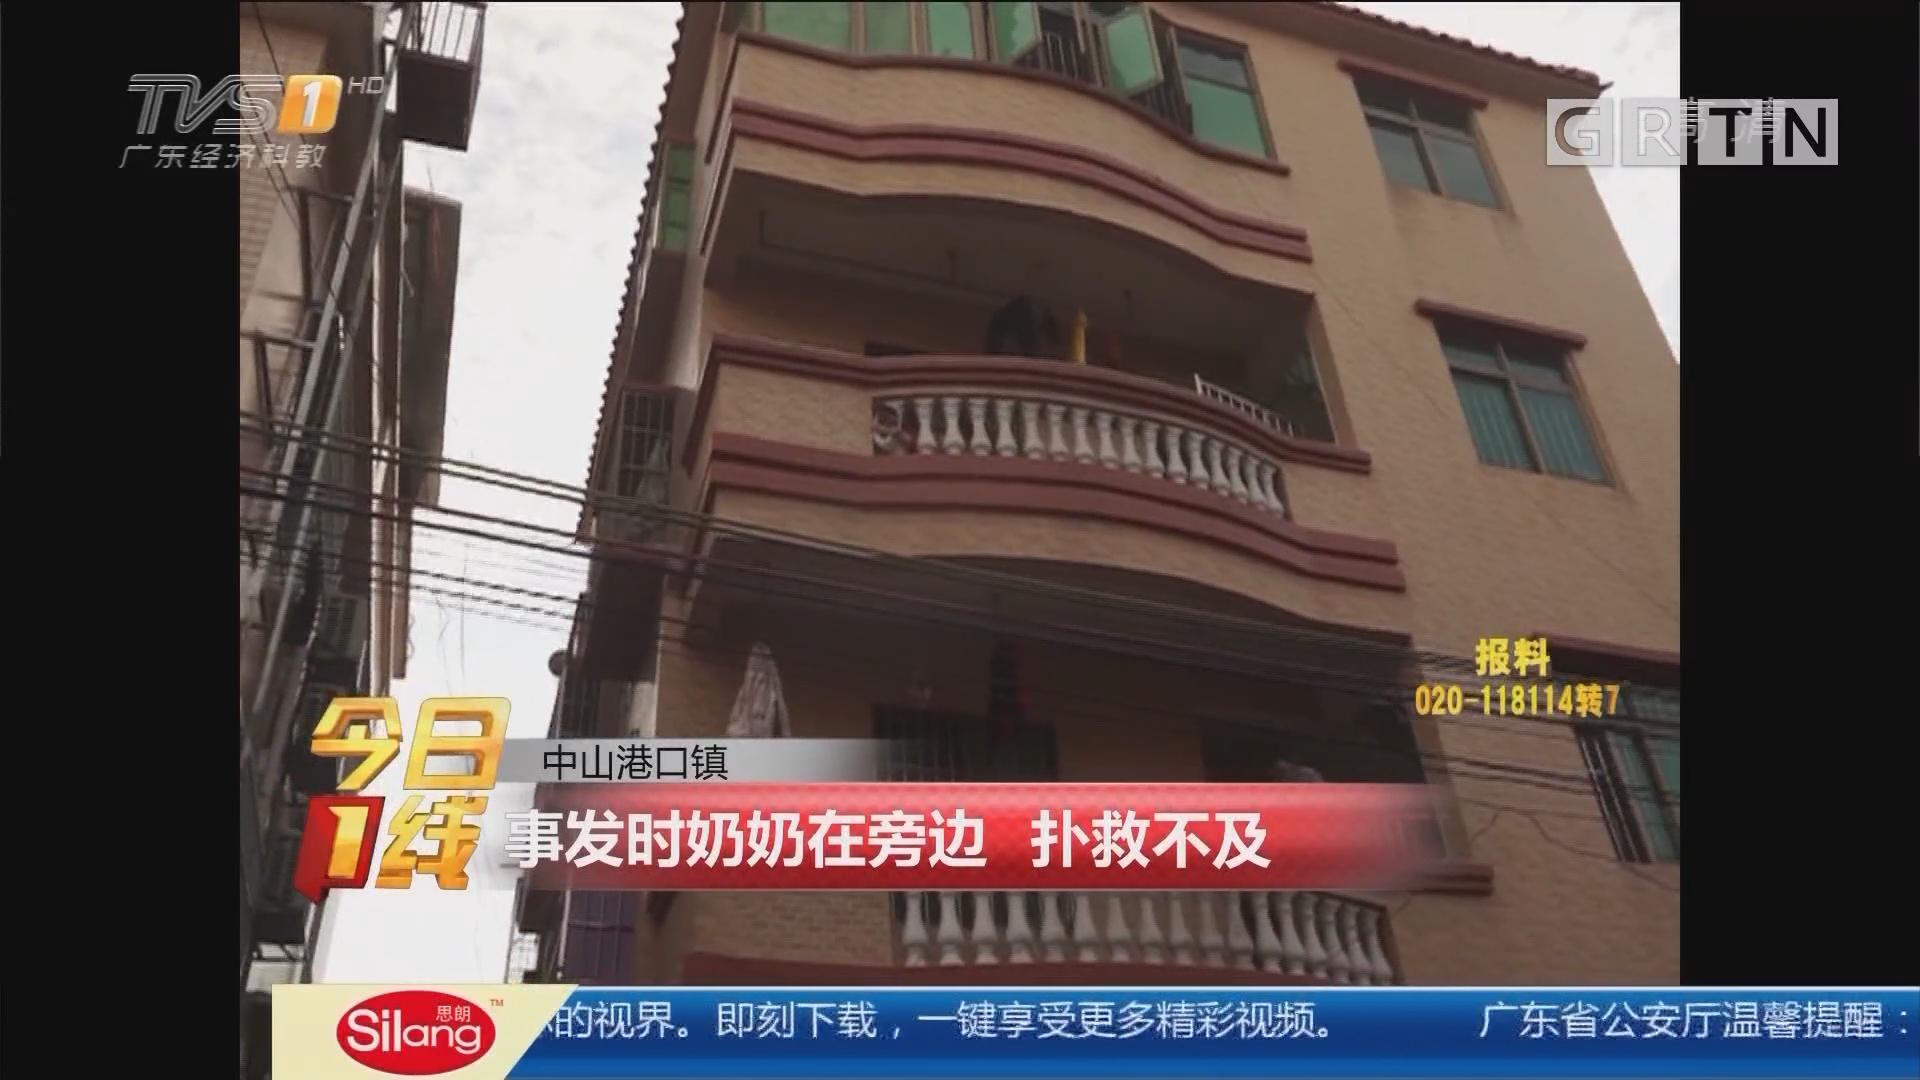 中山港口镇:事发时奶奶在旁边 扑救不及